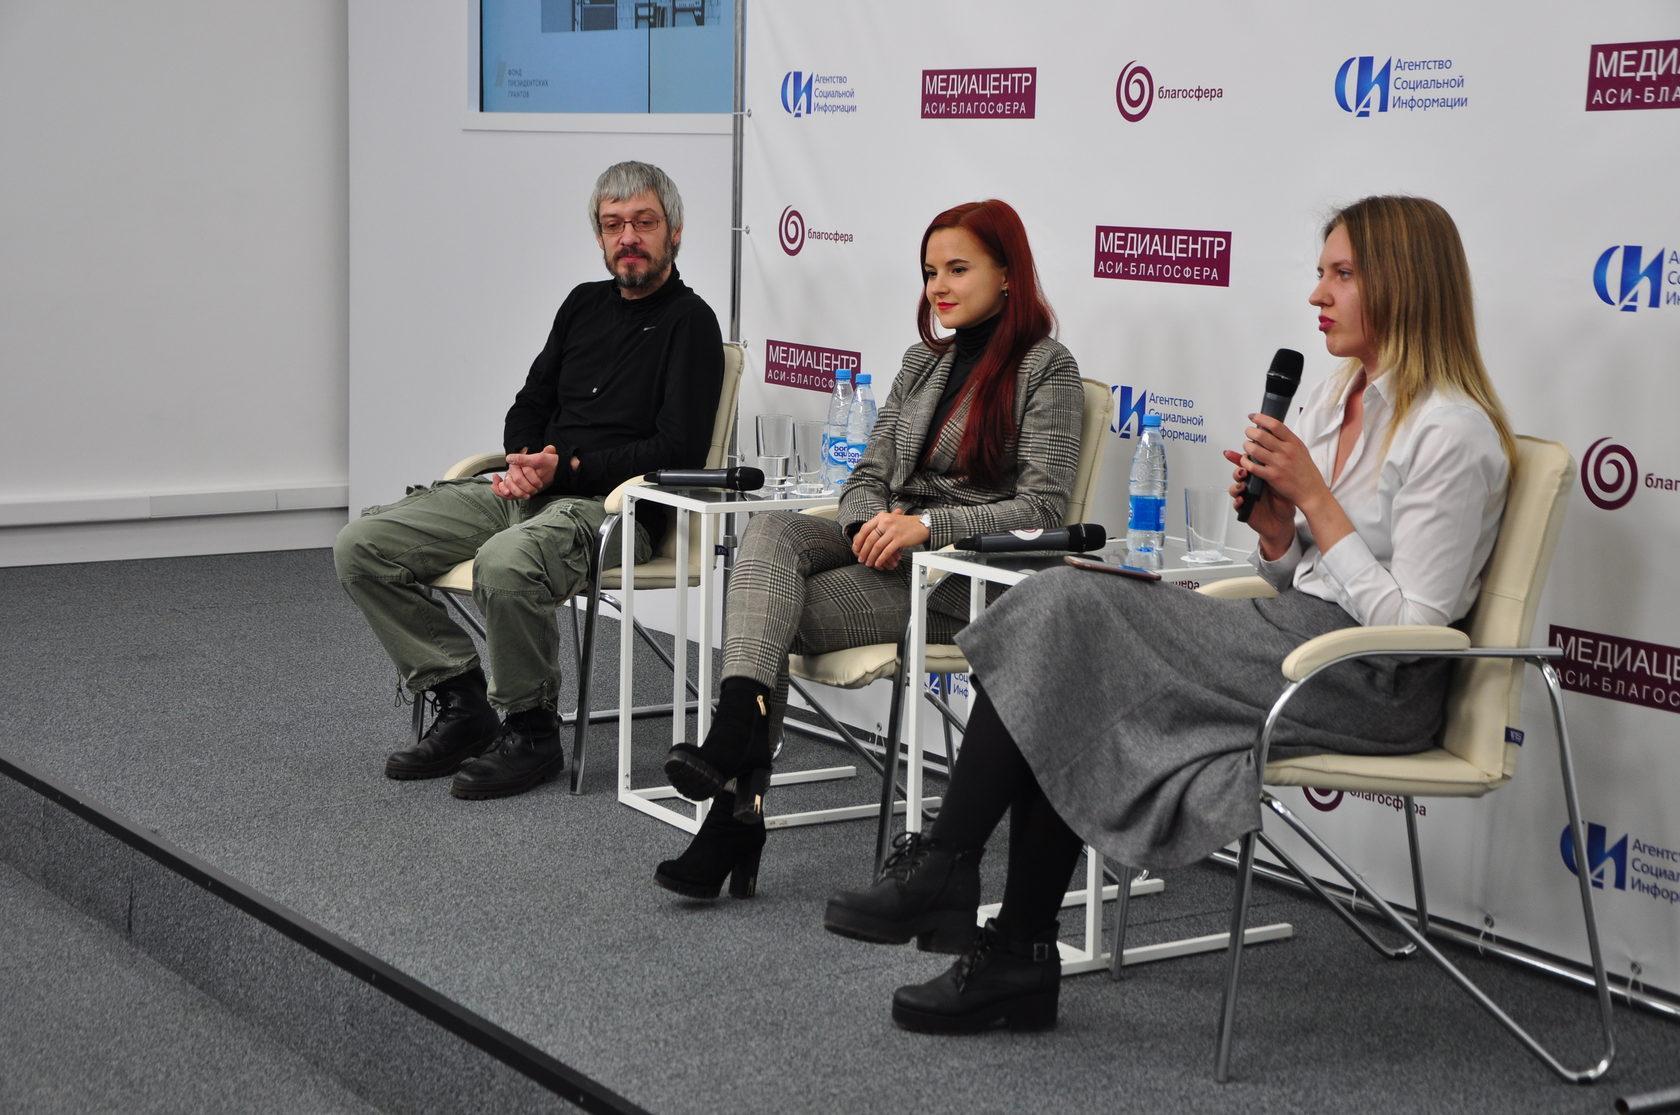 В медиаклубе «АСИ — Благосфера» обсудили, как продвигать благотворительность в сериалах